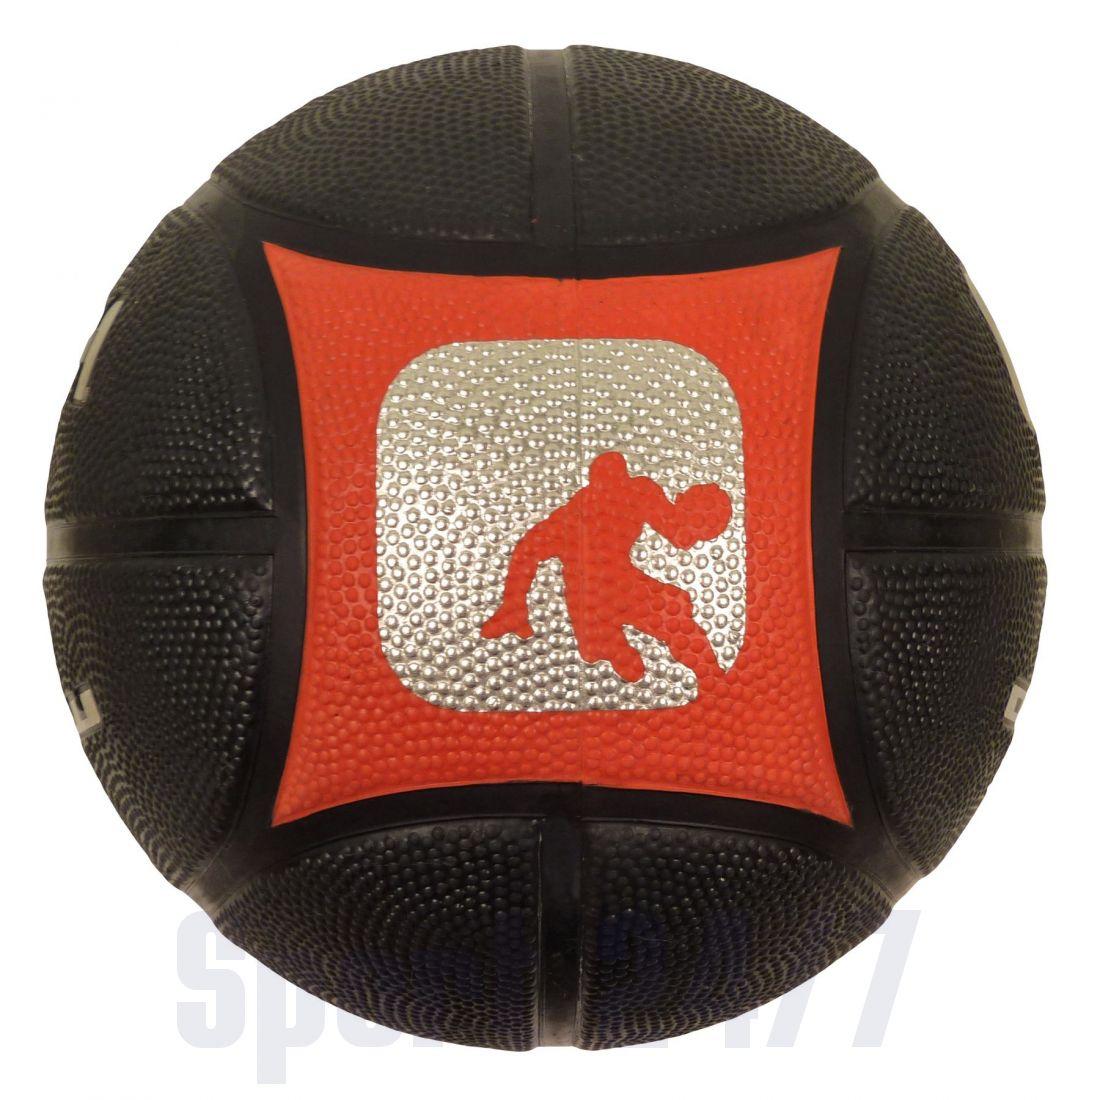 Баскетбольный мяч AND1Outlaw Black/Red